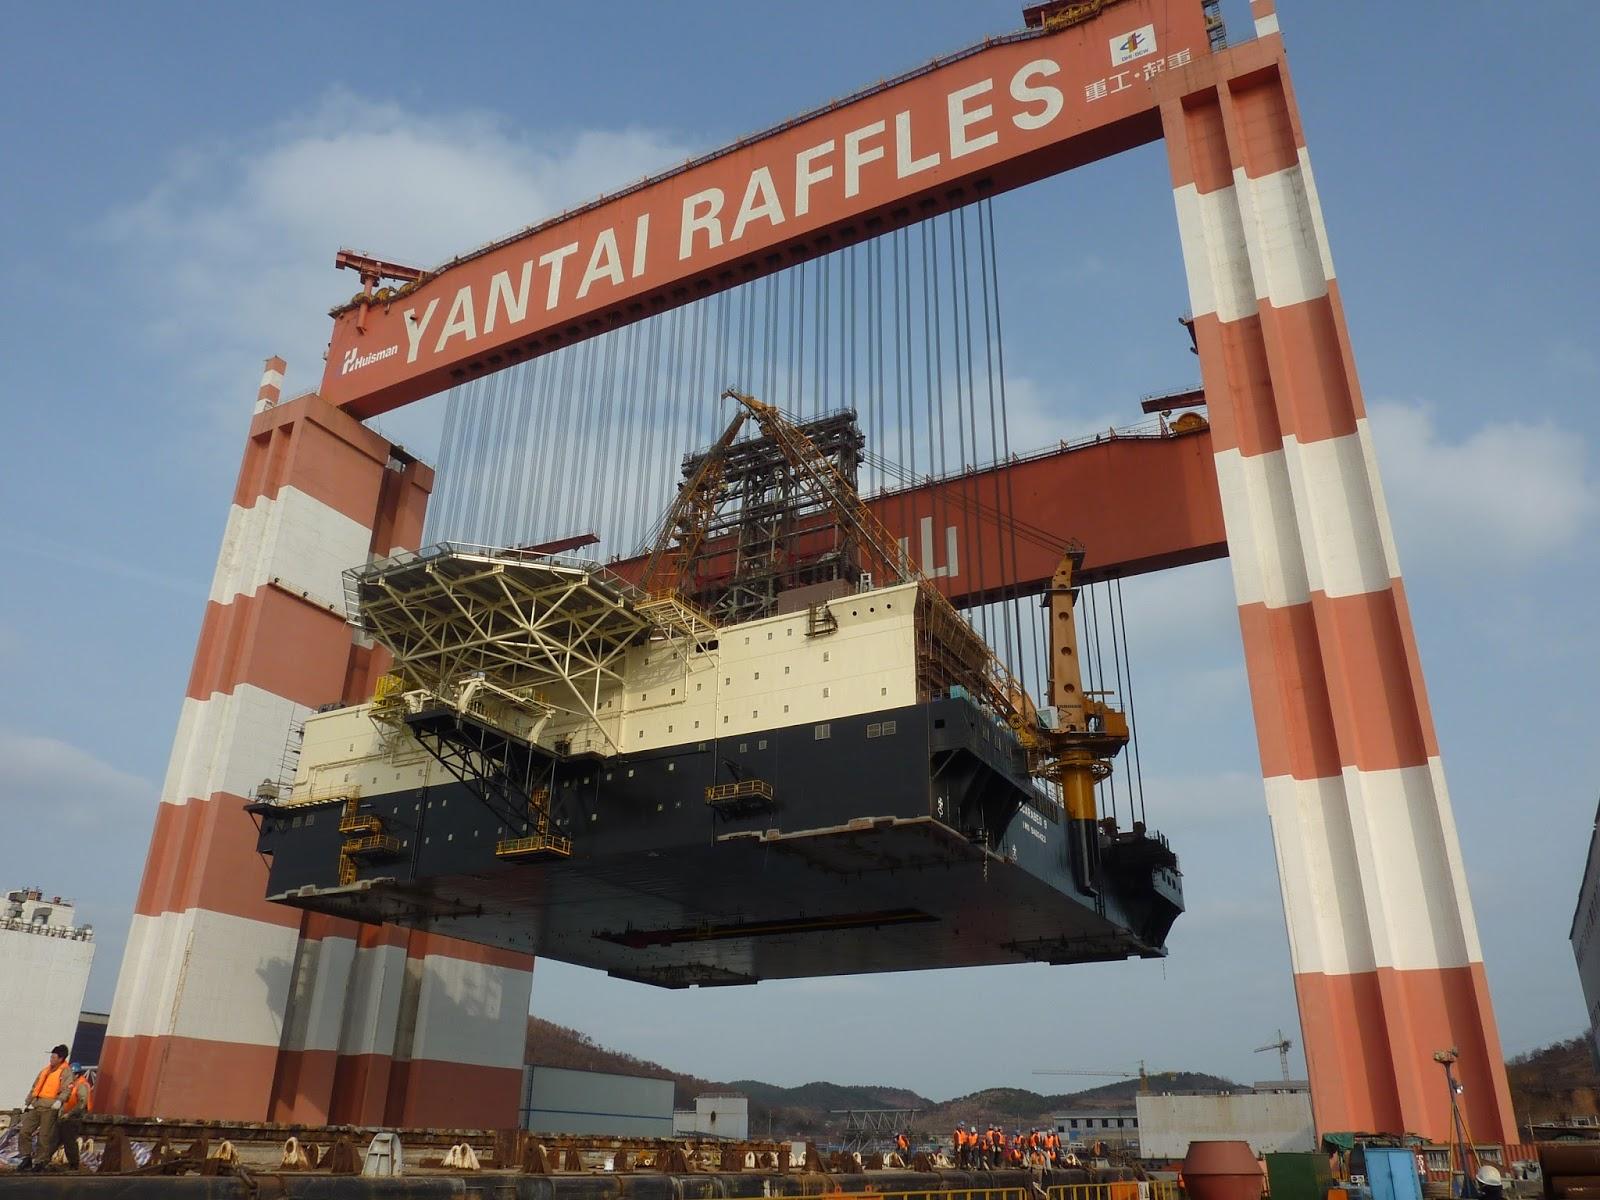 Dengan Fasilitas ini mereka tinggal membangun modul modulnya keseluruhan topside dibangun kemudian diloadout dengan barge masuk dalam Drydock angkat